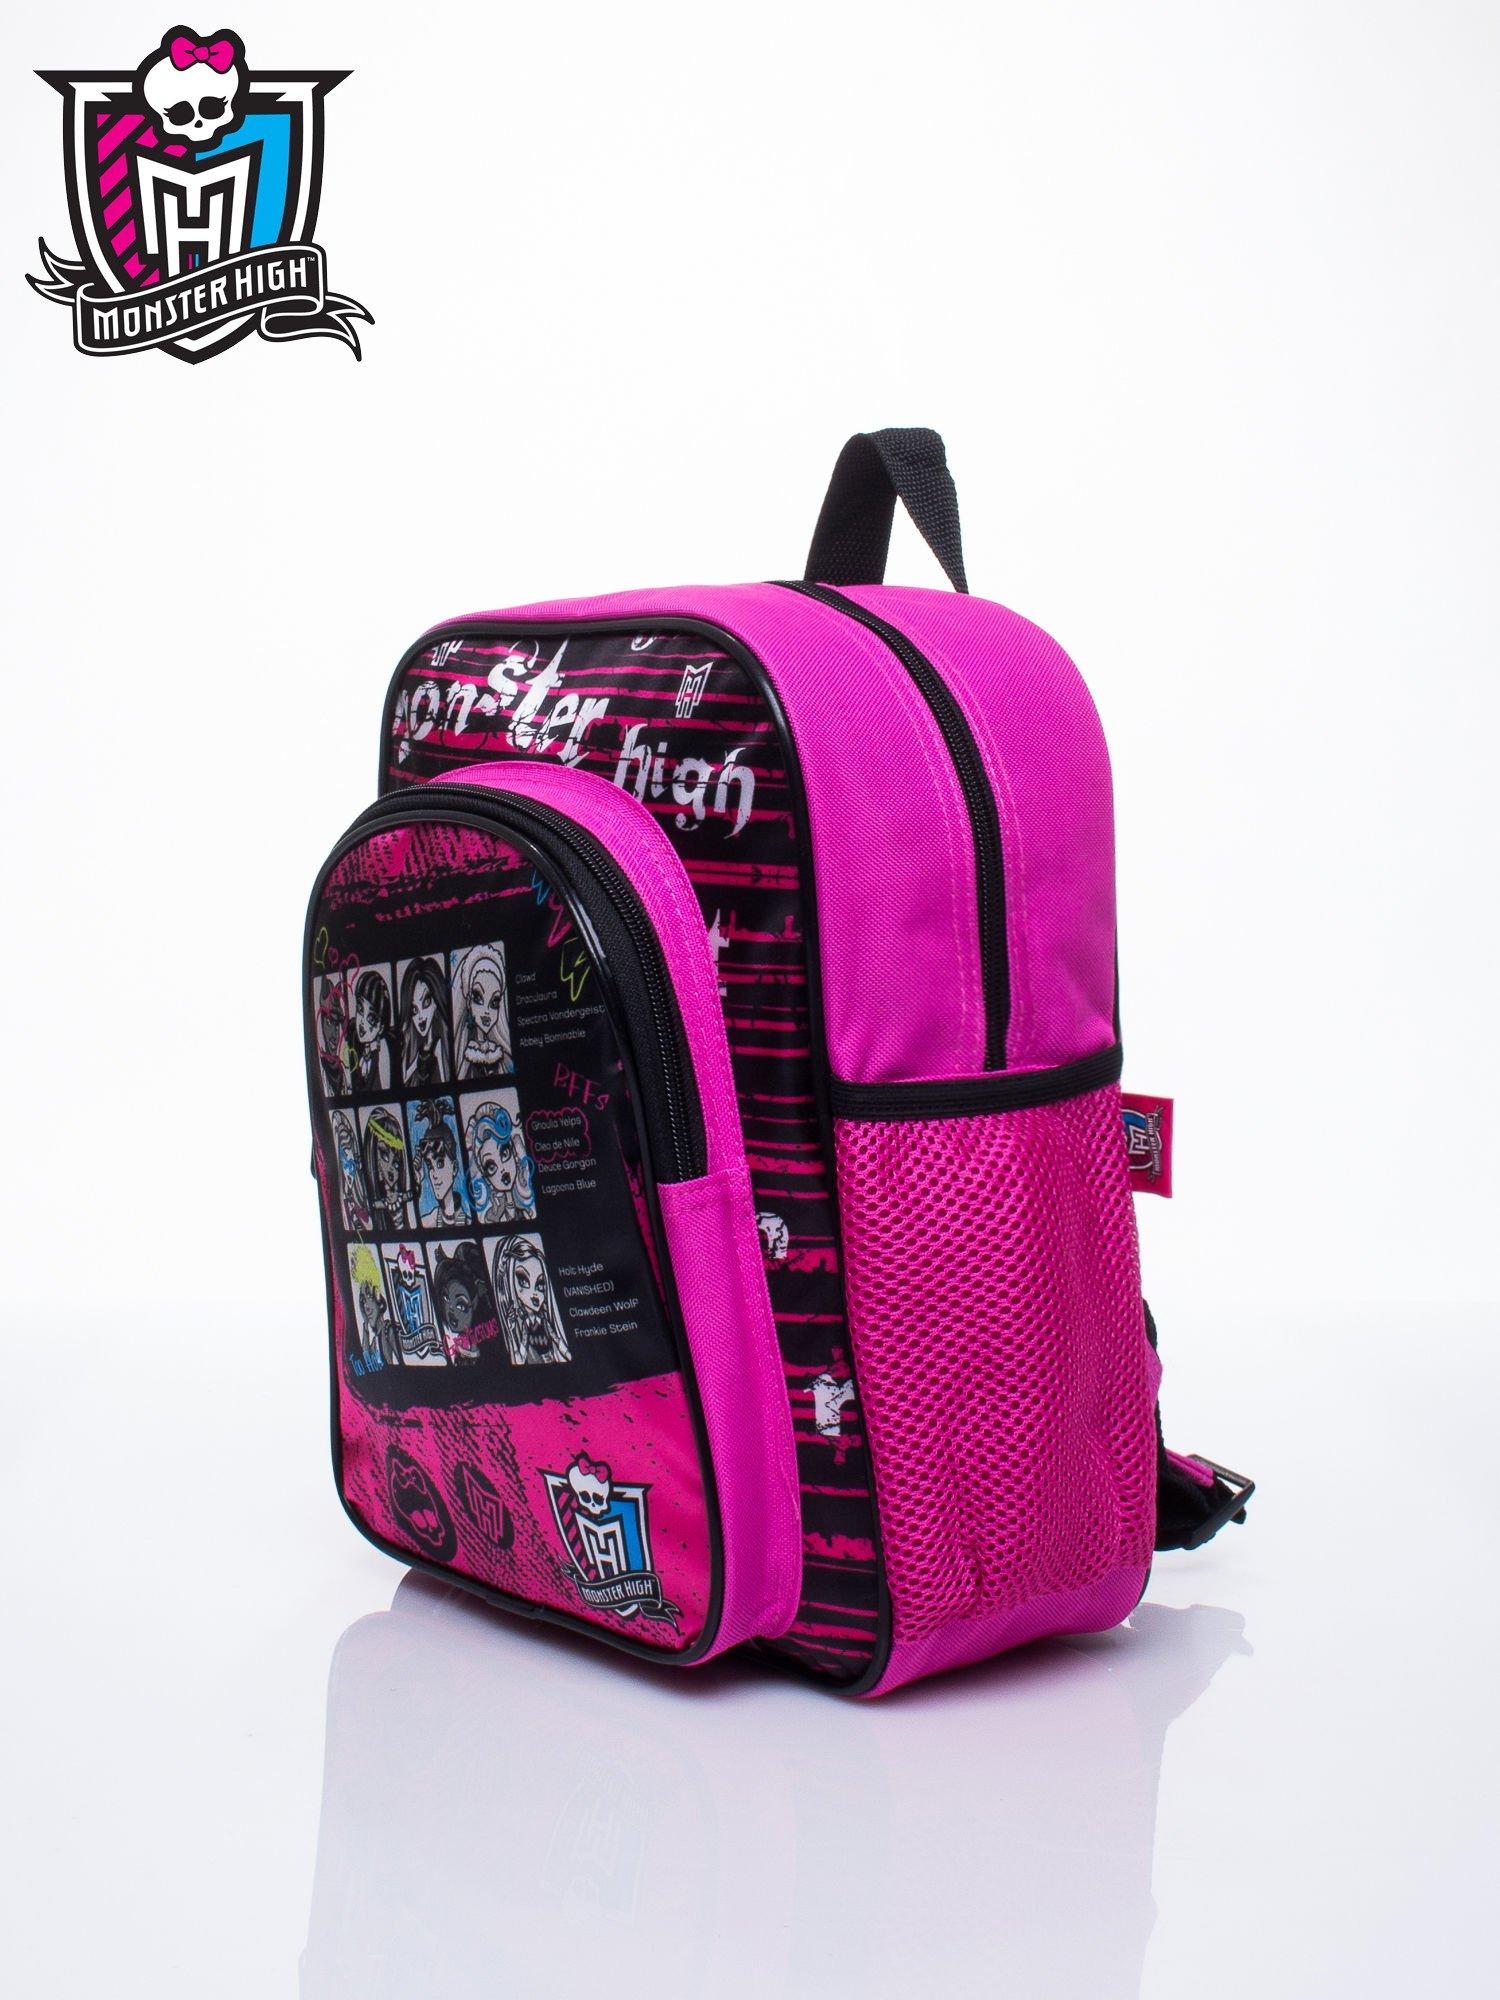 Różowy plecak dla dziewczynki DISNEY Monster High                                  zdj.                                  2